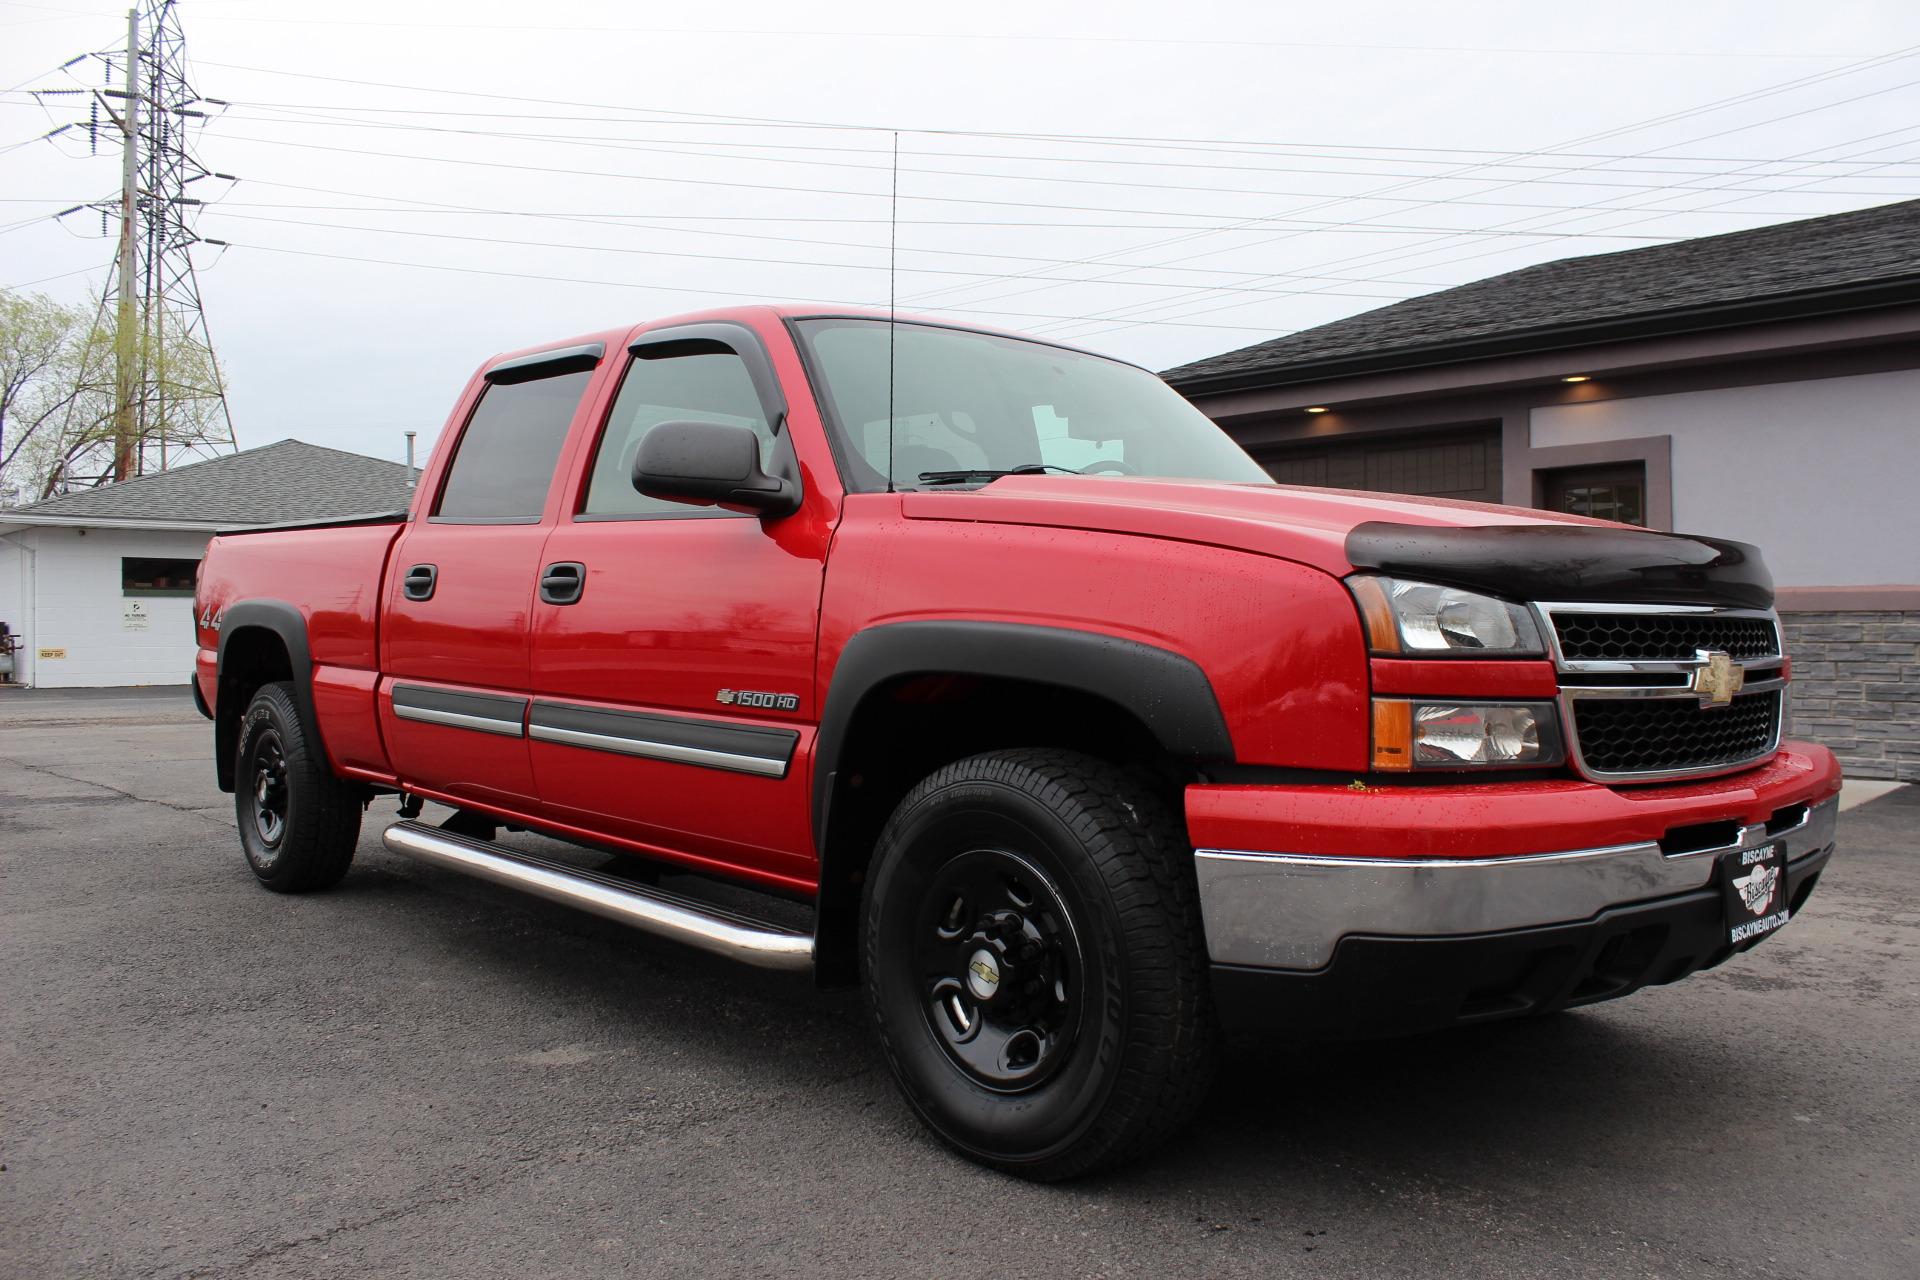 2007 Chevrolet Silverado 1500 HD